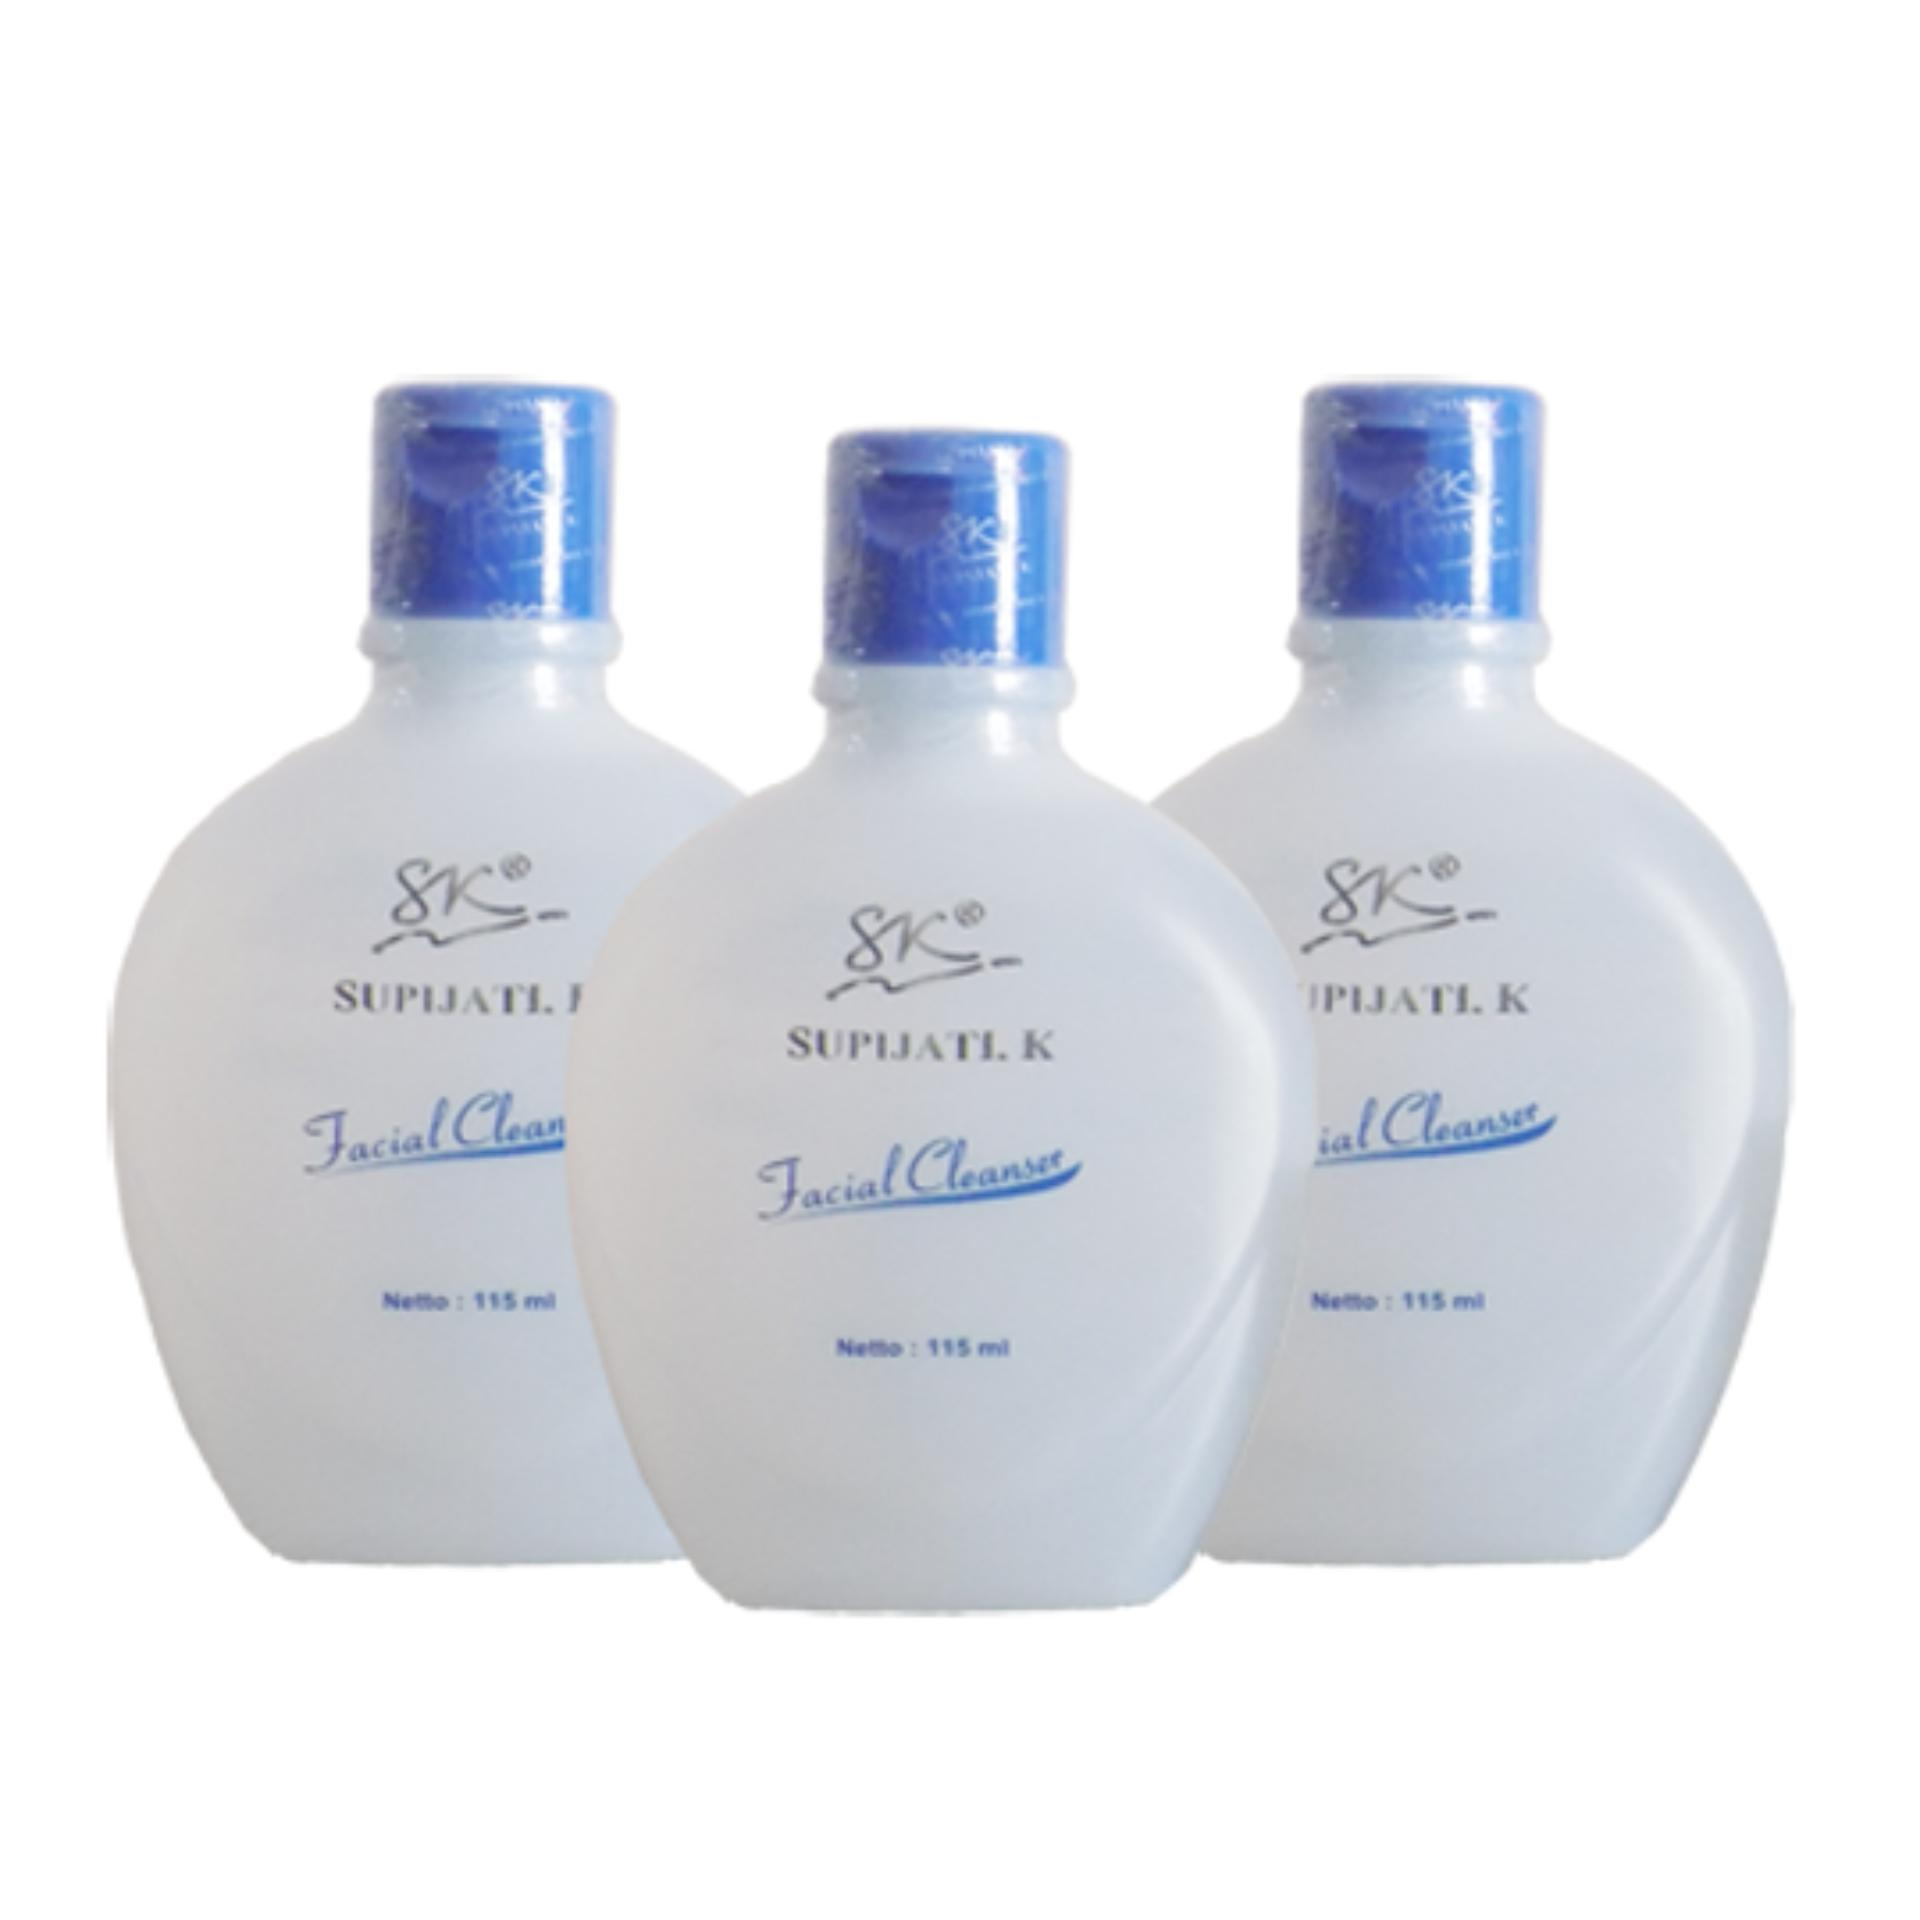 Supijati Sk Whitening Cream Pemutih Wajah4 Daftar Harga Terbaru Produk Ukm Bumn Bedak Tabur Kulit Berjerawat Nomor 01 Series Crem Wajah Source K